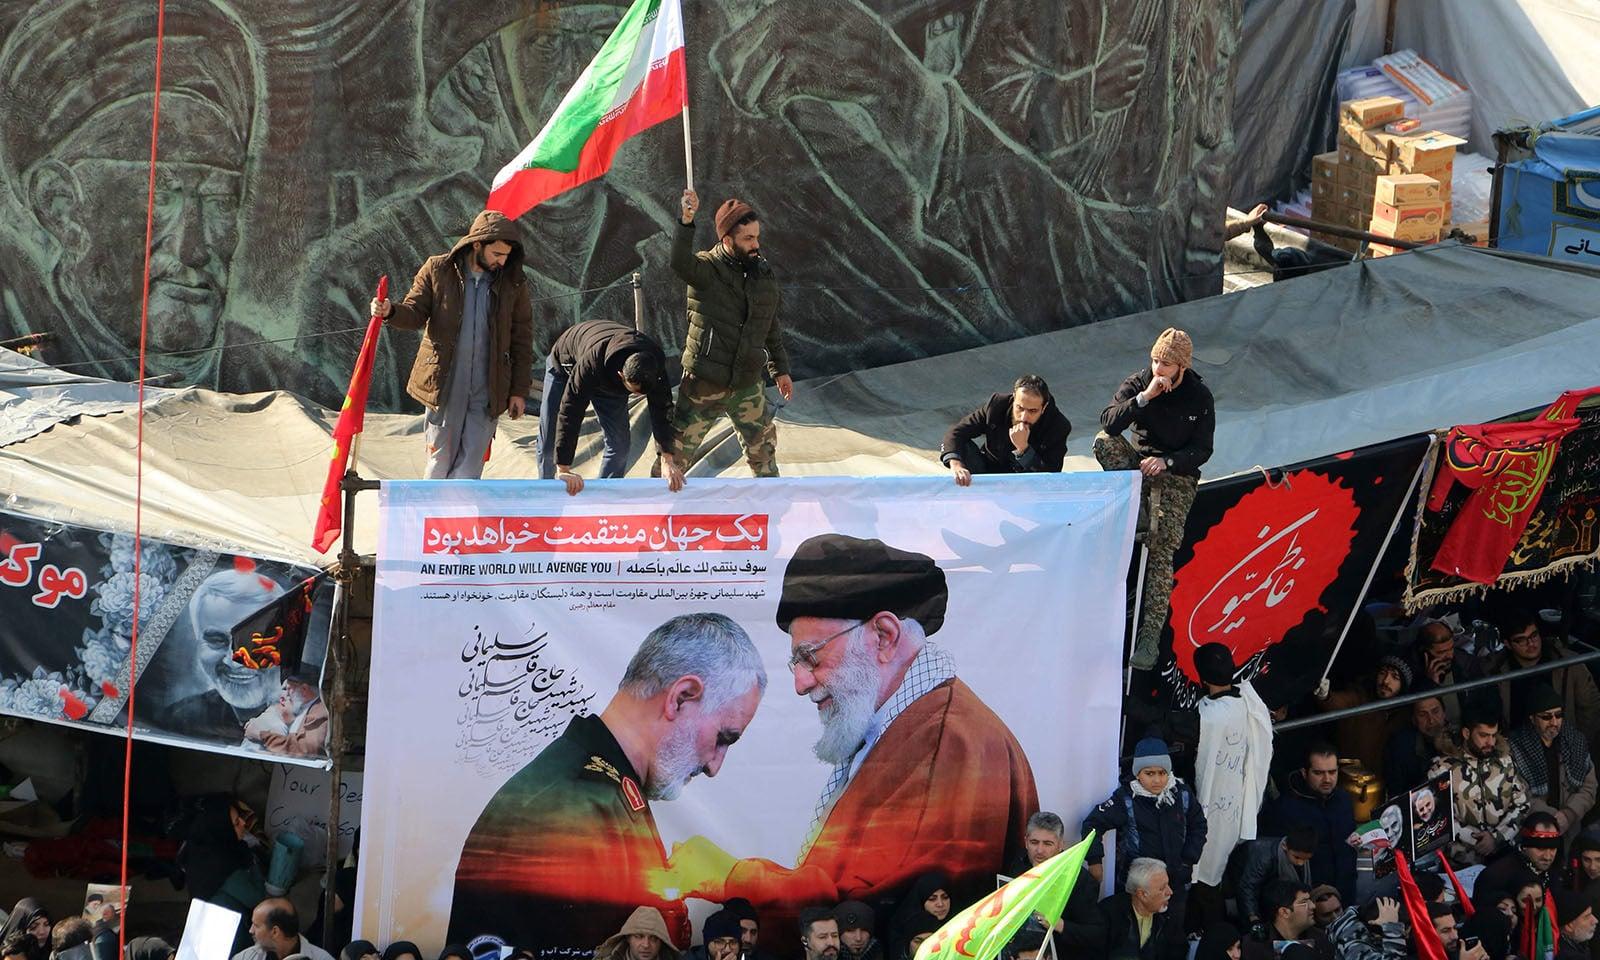 ایرانی فوجی کمانڈر قاسم سلیمانی کی نماز جنازہ میں لوگوں نے بڑی تعداد نے شرکت کی — فوٹو: اے ایف پی